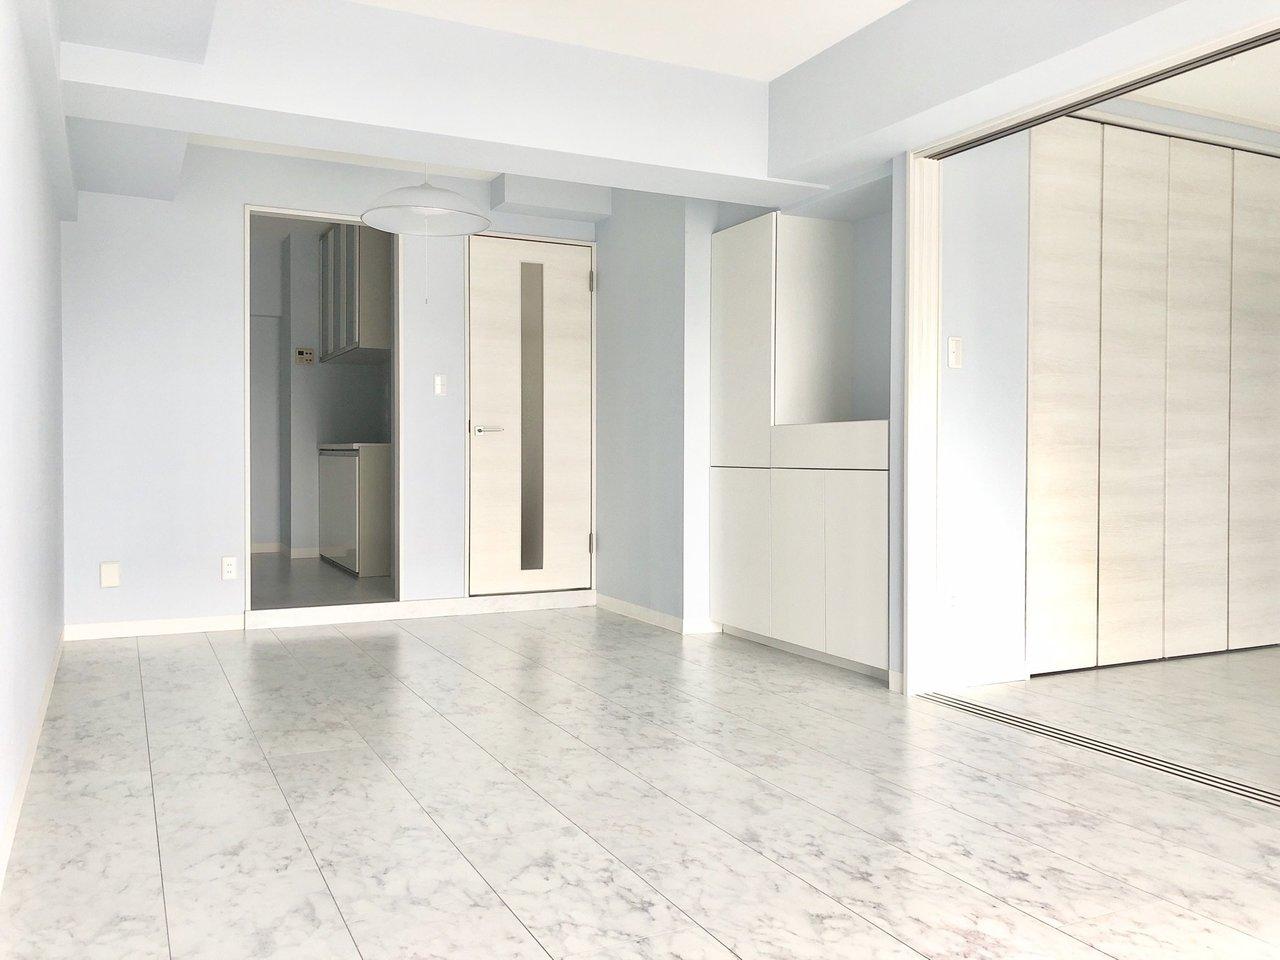 リビングの床面も、大理石風。壁の爽やかブルーによく合います。白などの同じ色合いのものインテリアでもいいですし、あえて温かみをプラスする、木目調のものでもいいとおもいます。